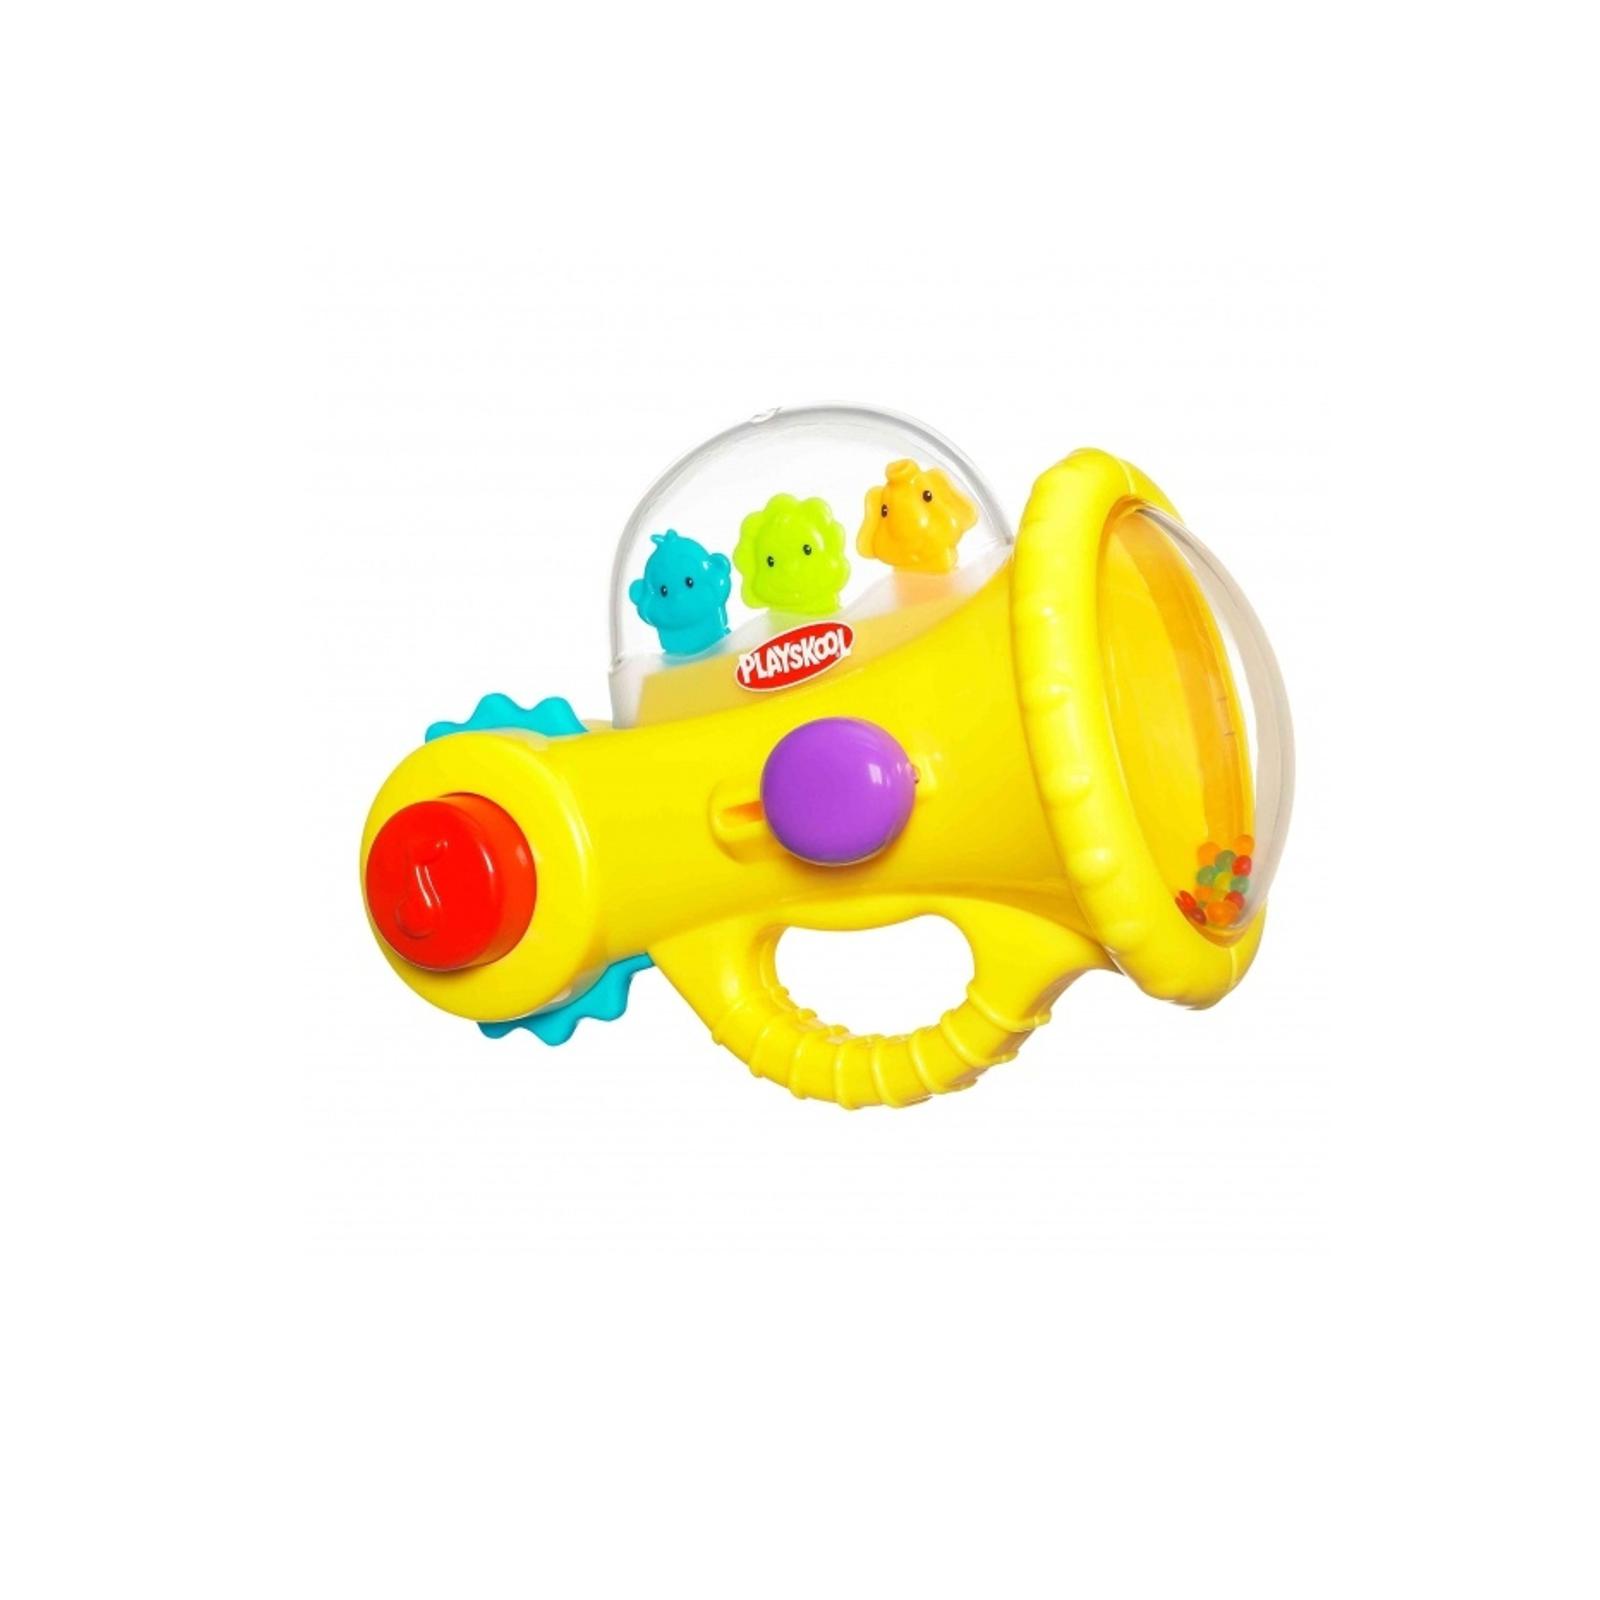 ���������� Playskool ����������� ����������